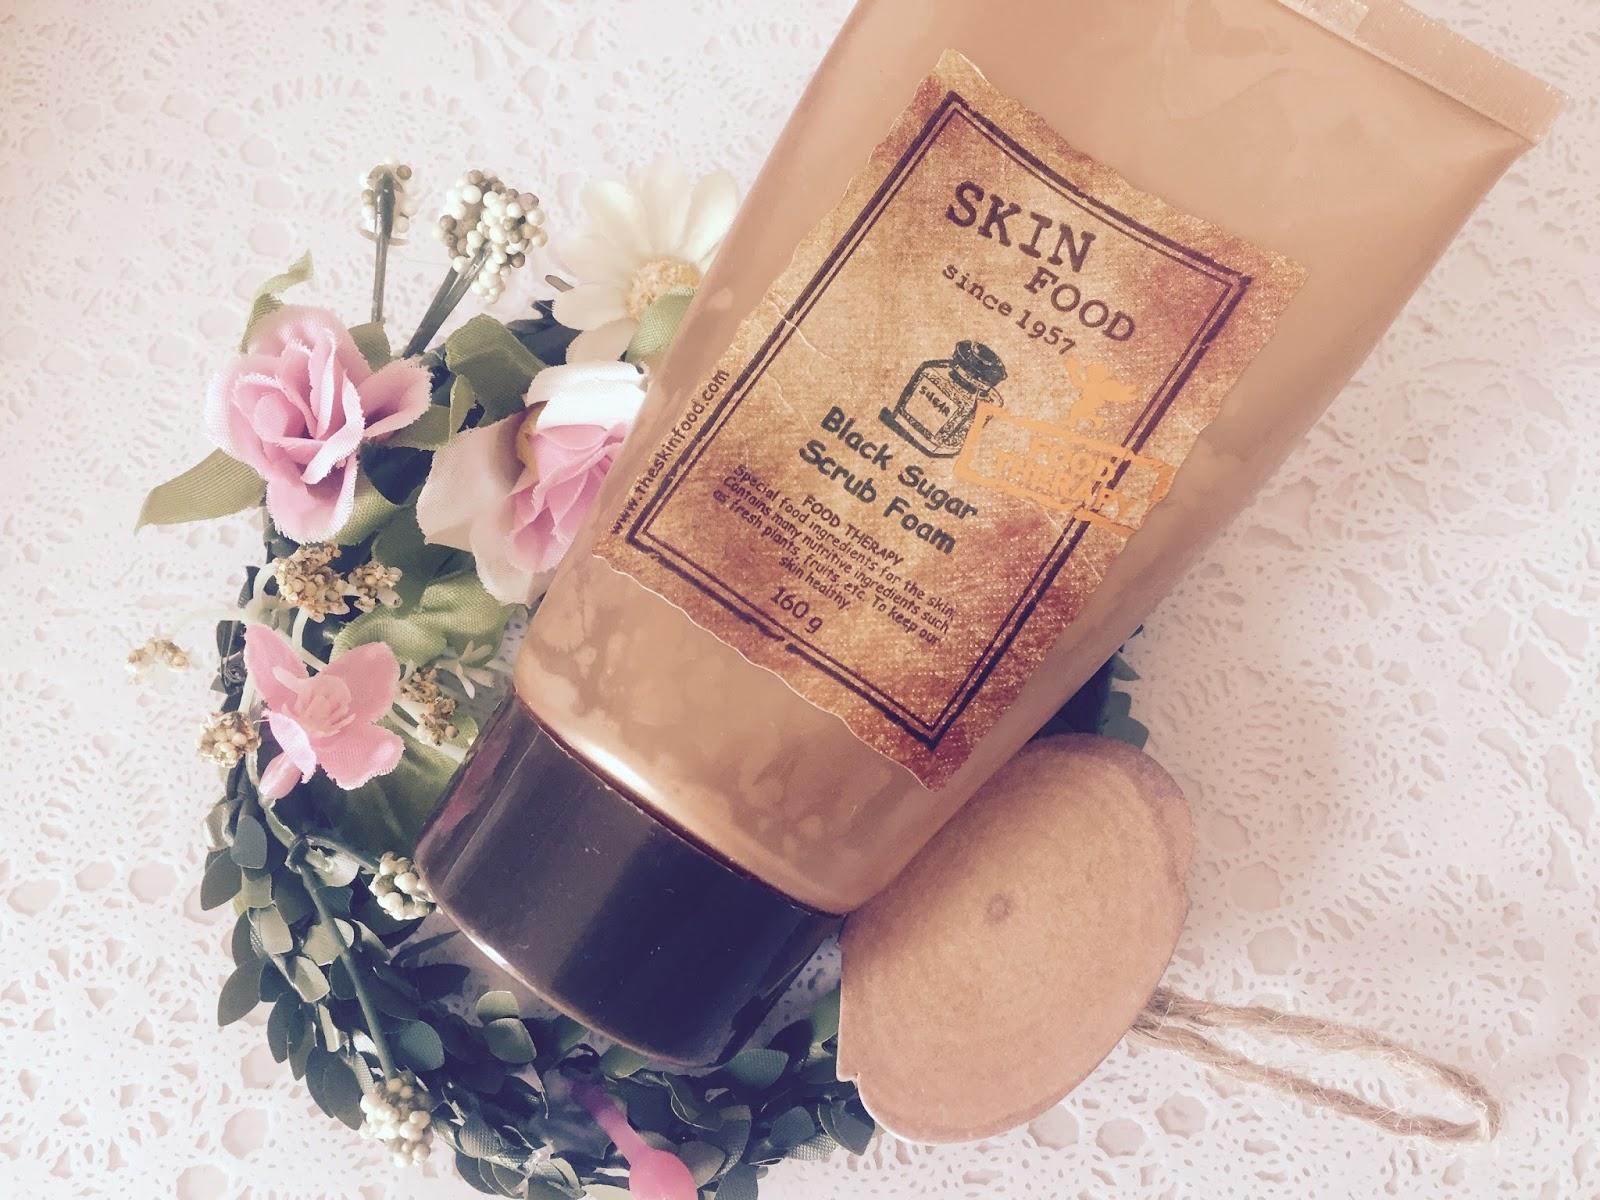 Black Sugar Perfect Scrub Foam by Skinfood #16